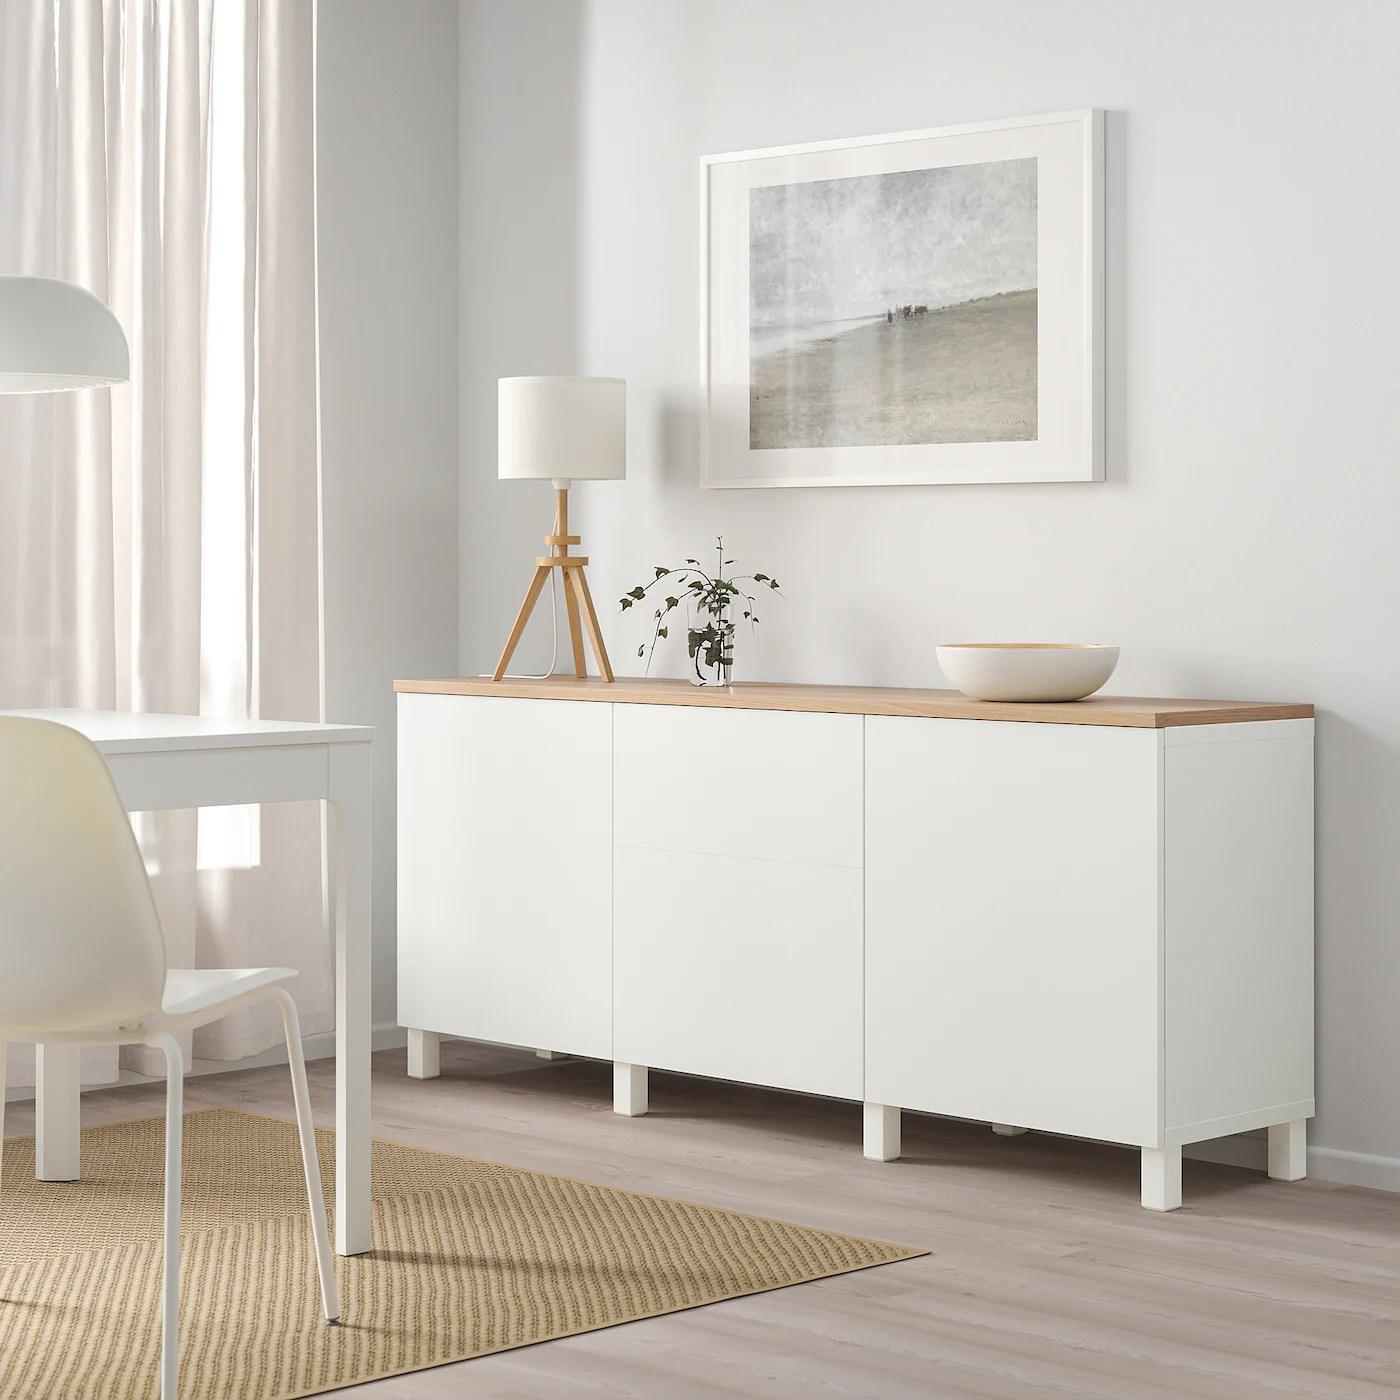 Se stai rinnovando la tua casa, fino al 31 dicembre 2021 puoi usufruire della detrazione del 50% per l'acquisto di mobili. Serie Besta Mobili Per Il Soggiorno Ikea It